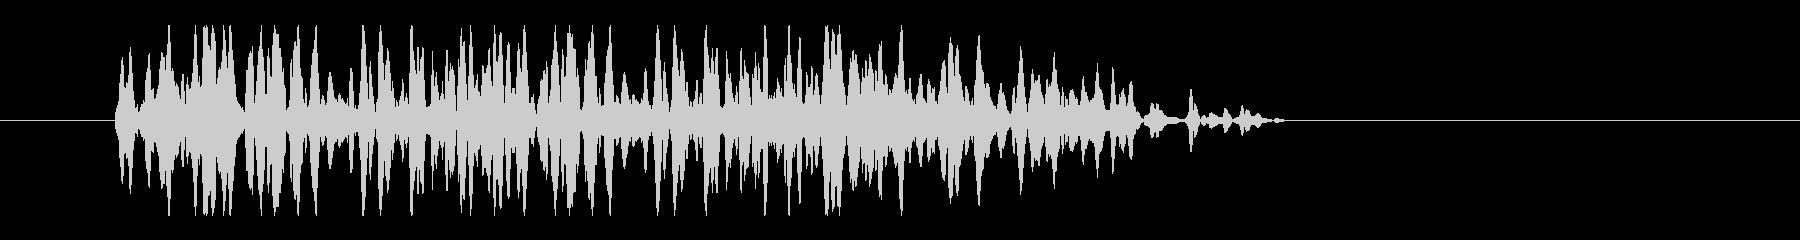 レーザー音-33-3の未再生の波形